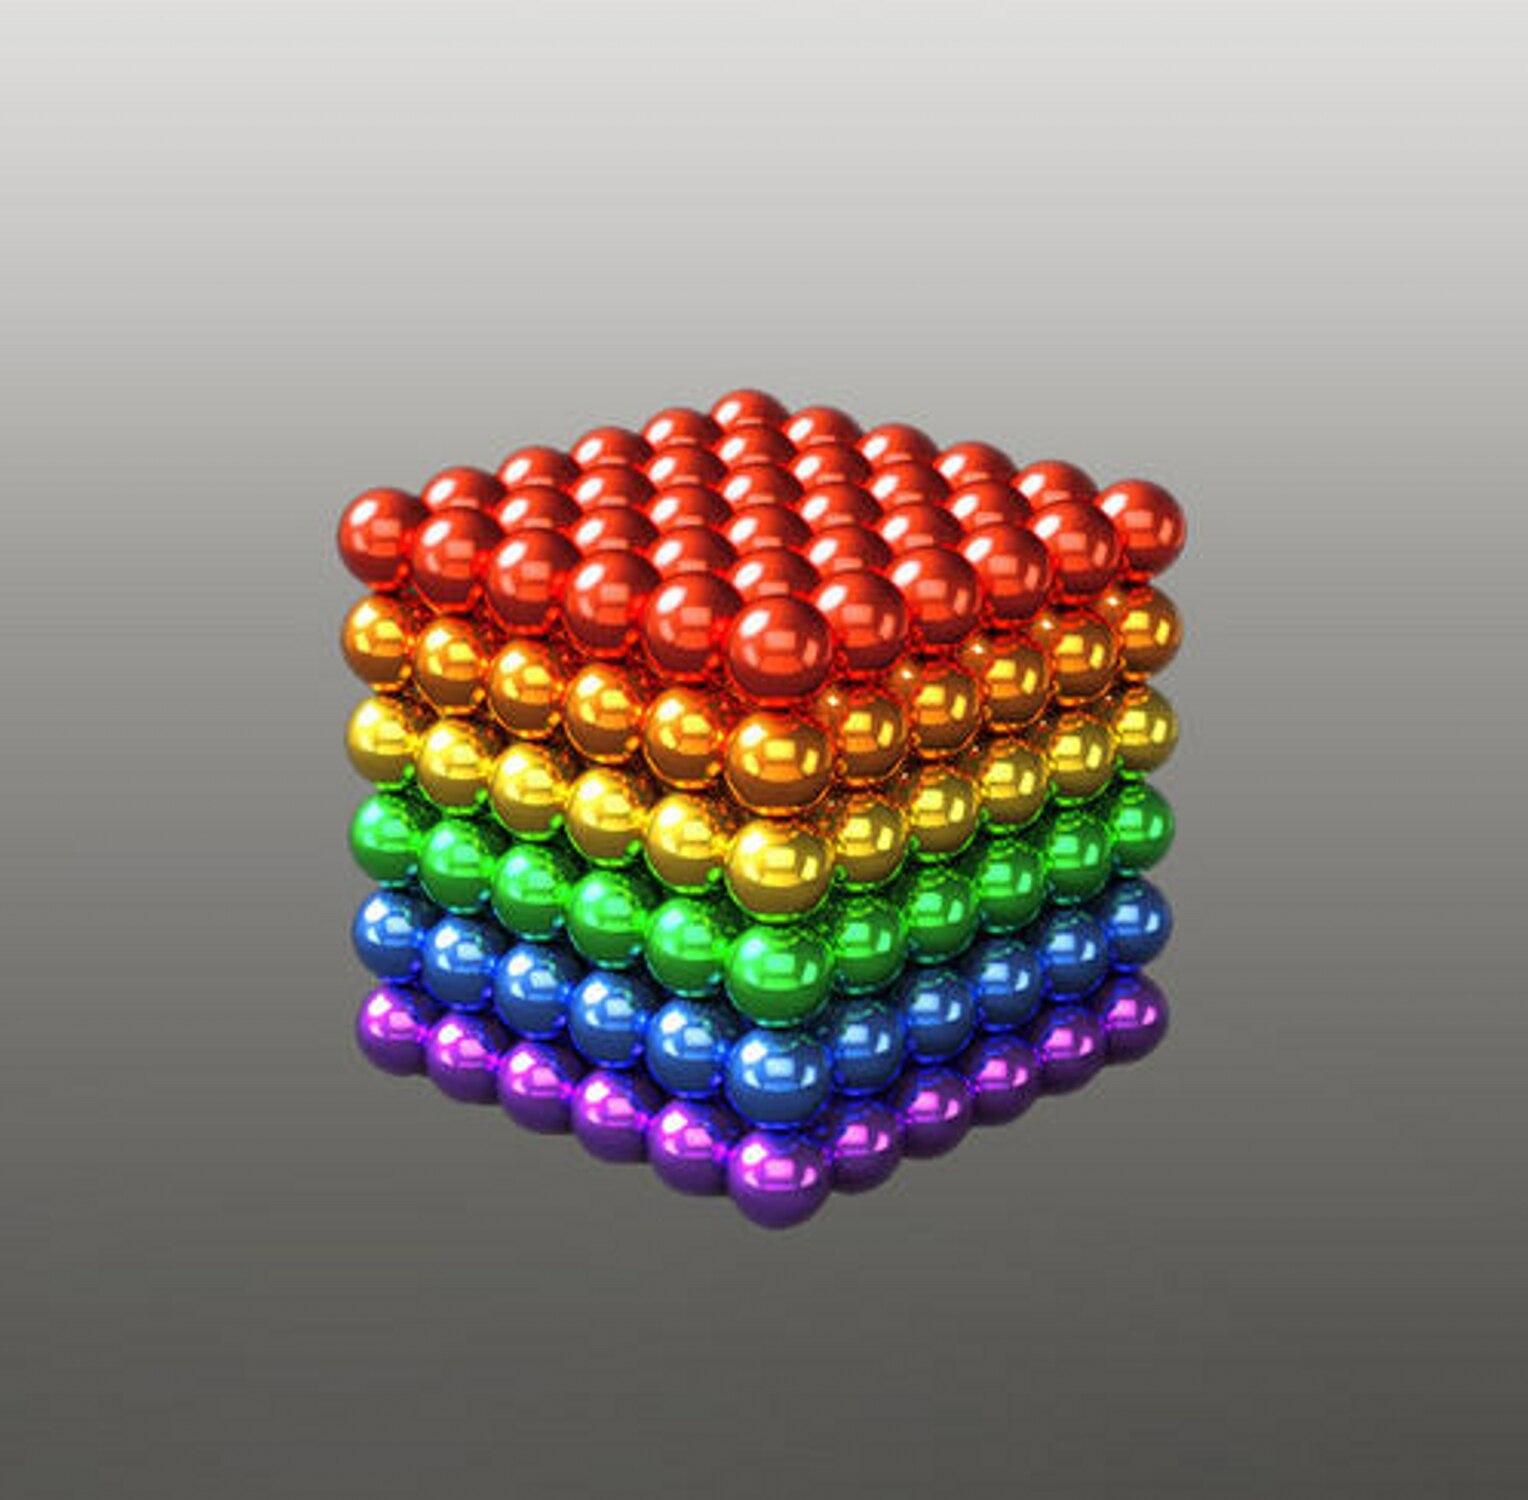 Лабиринт, магический куб, головоломка, игра, лабиринтный шар, 3D куб, забавная игра мозга, улучшение вызова, обучающие игрушки для детей